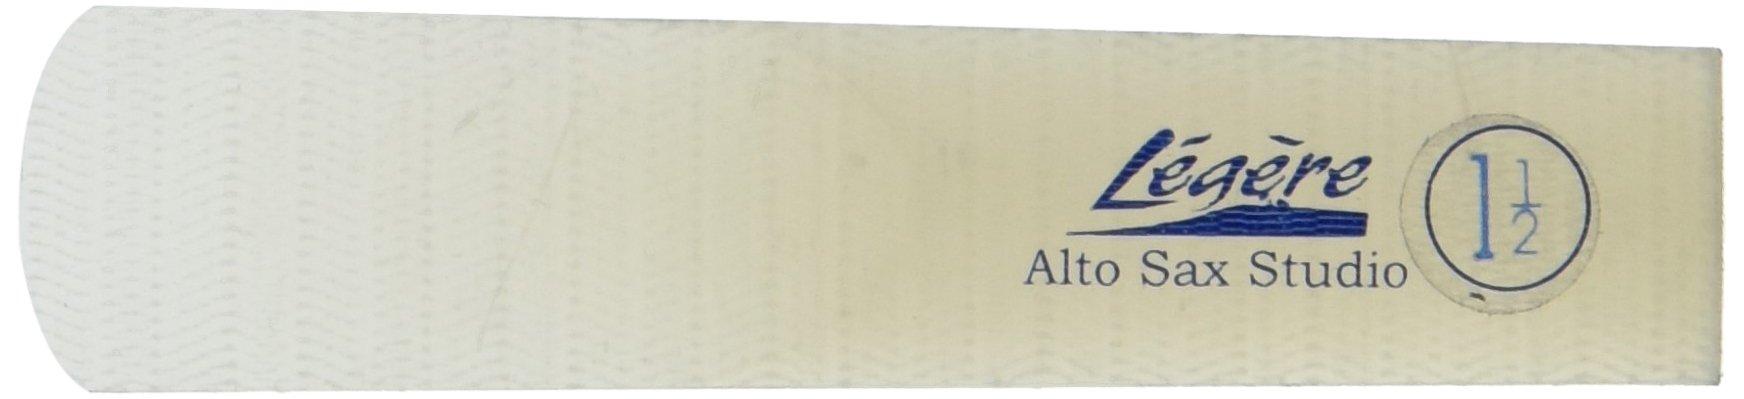 Legere ASS150 Eb Alto Saxophone Studio Cut No. 1.5 Reed